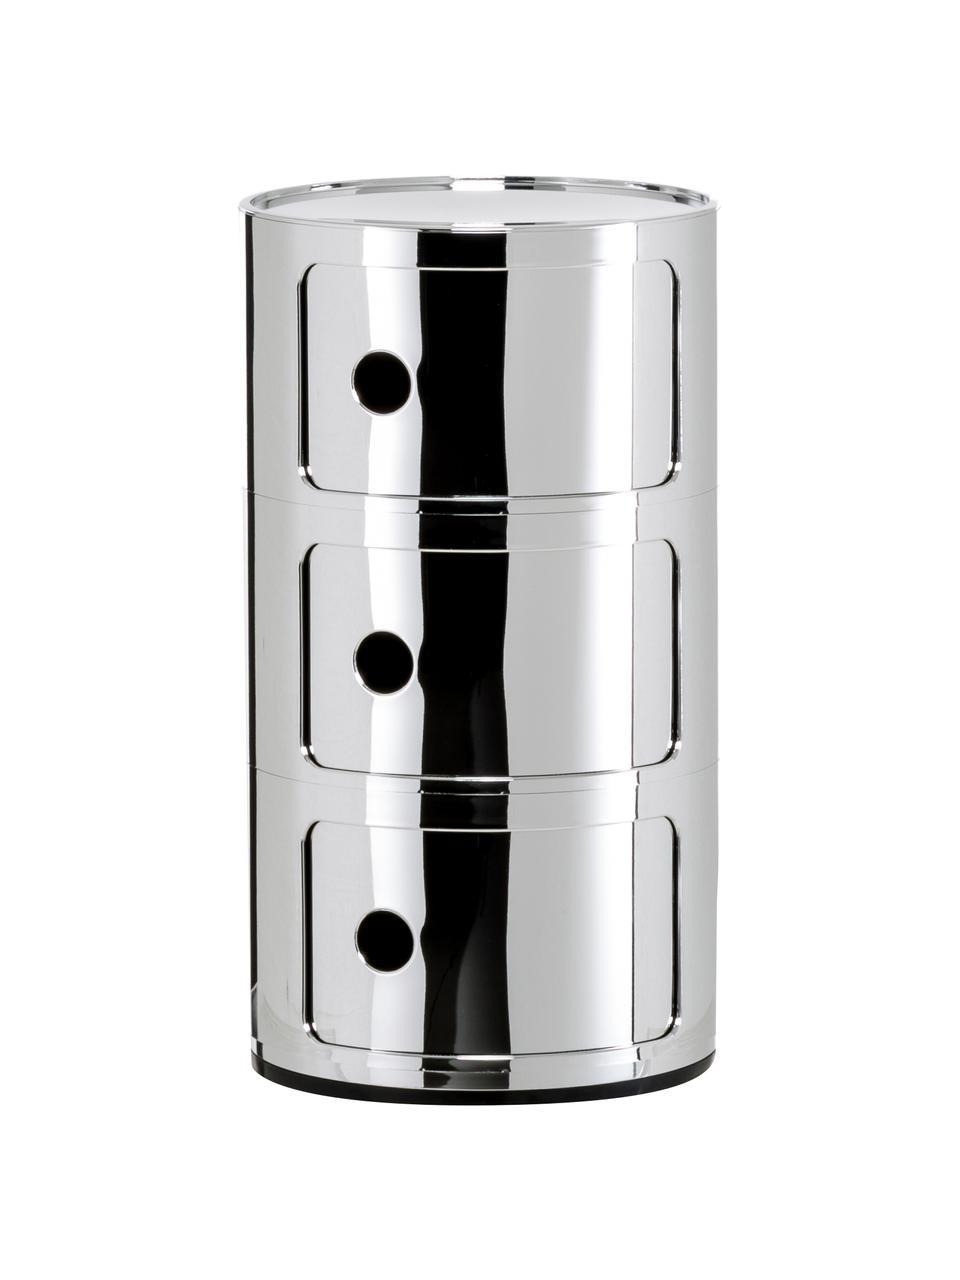 Comodino contenitore di design con 3 cassetti Componibili, Materiale sintetico (ABS), verniciato, Cromo, Ø 32 x Alt. 59 cm